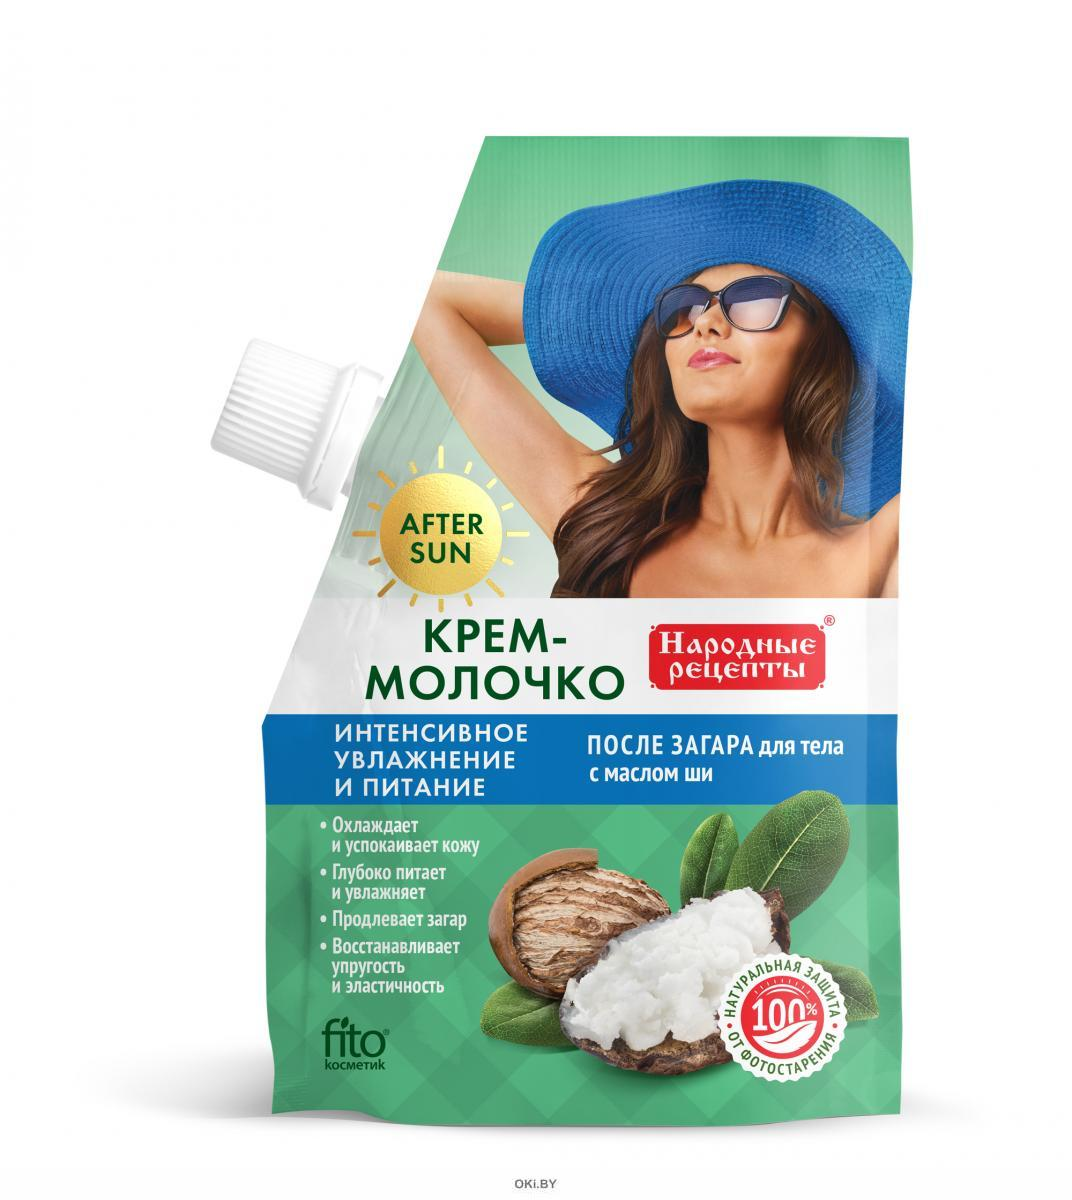 Крем-молочко для тела после загара «Интенсивное увлажнение и питание». Фитокосметик, 50 мл (серия «Народные рецепты»)